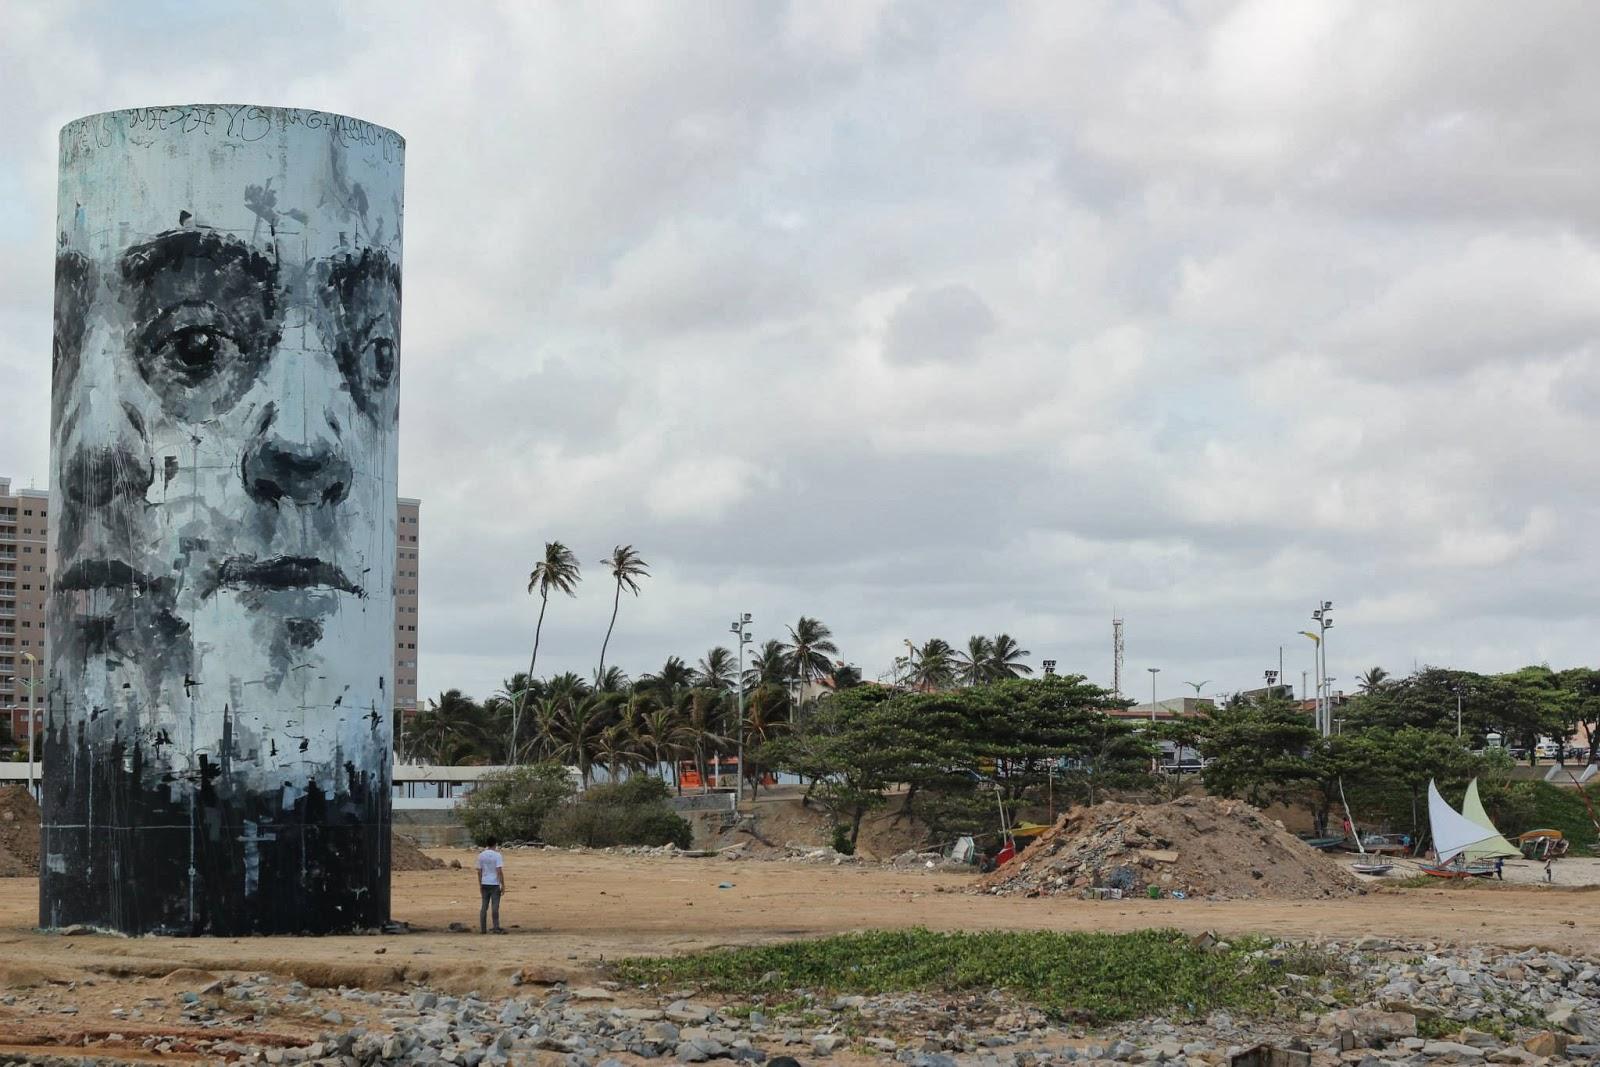 borondo-new-mural-at-festival-concreto-in-fortaleza-01